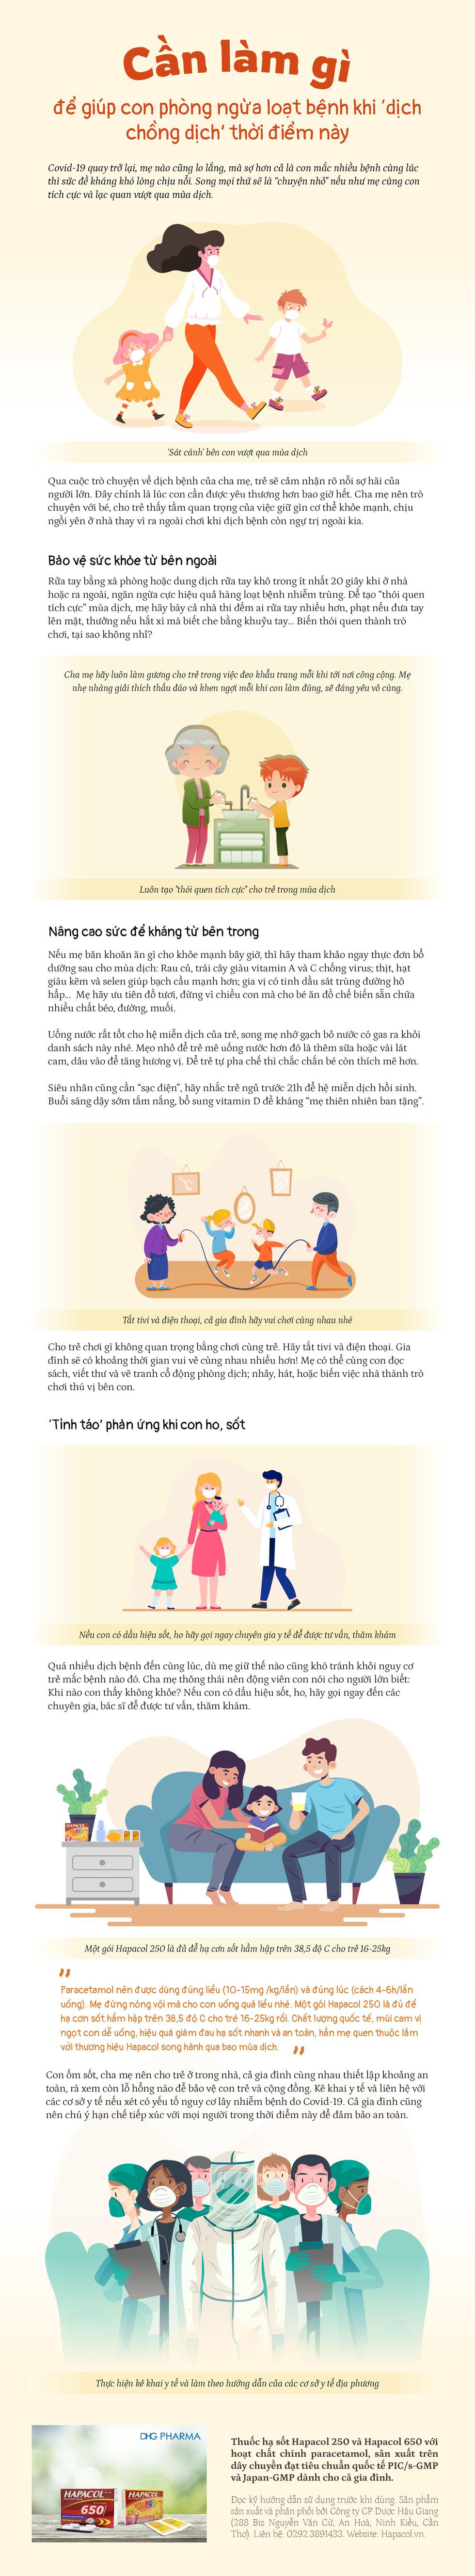 Cần làm gì để giúp con phòng ngừa loạt bệnh khi 'dịch chồng dịch' thời điểm này. - Ảnh 1.